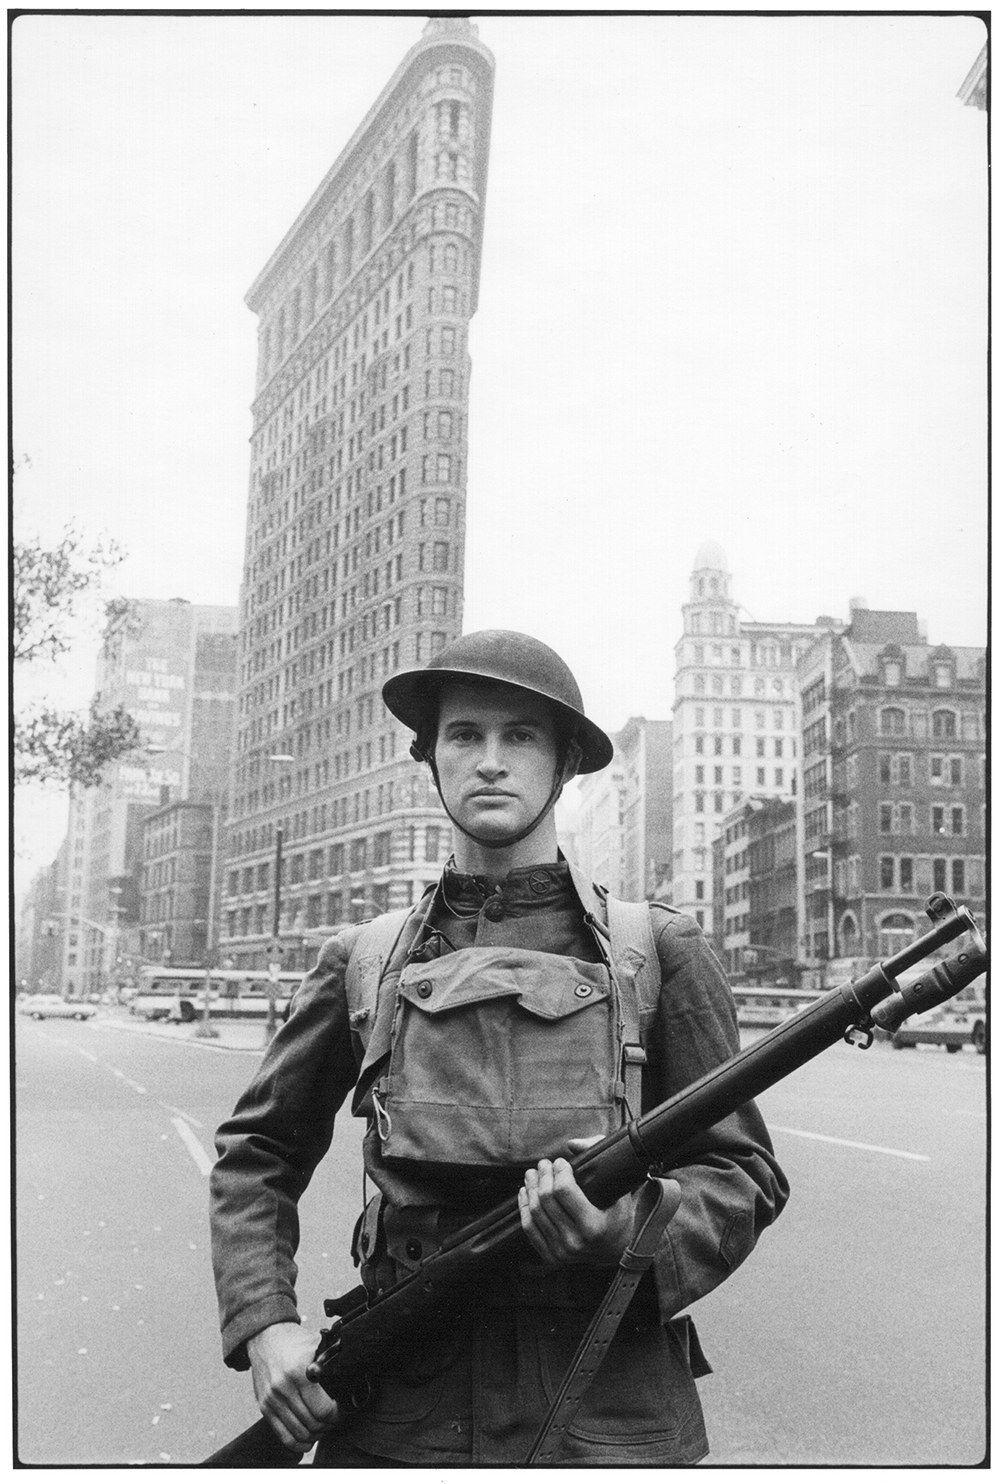 Гламур и бытовуха Нью-Йорка 1970-х и 1980-х годов